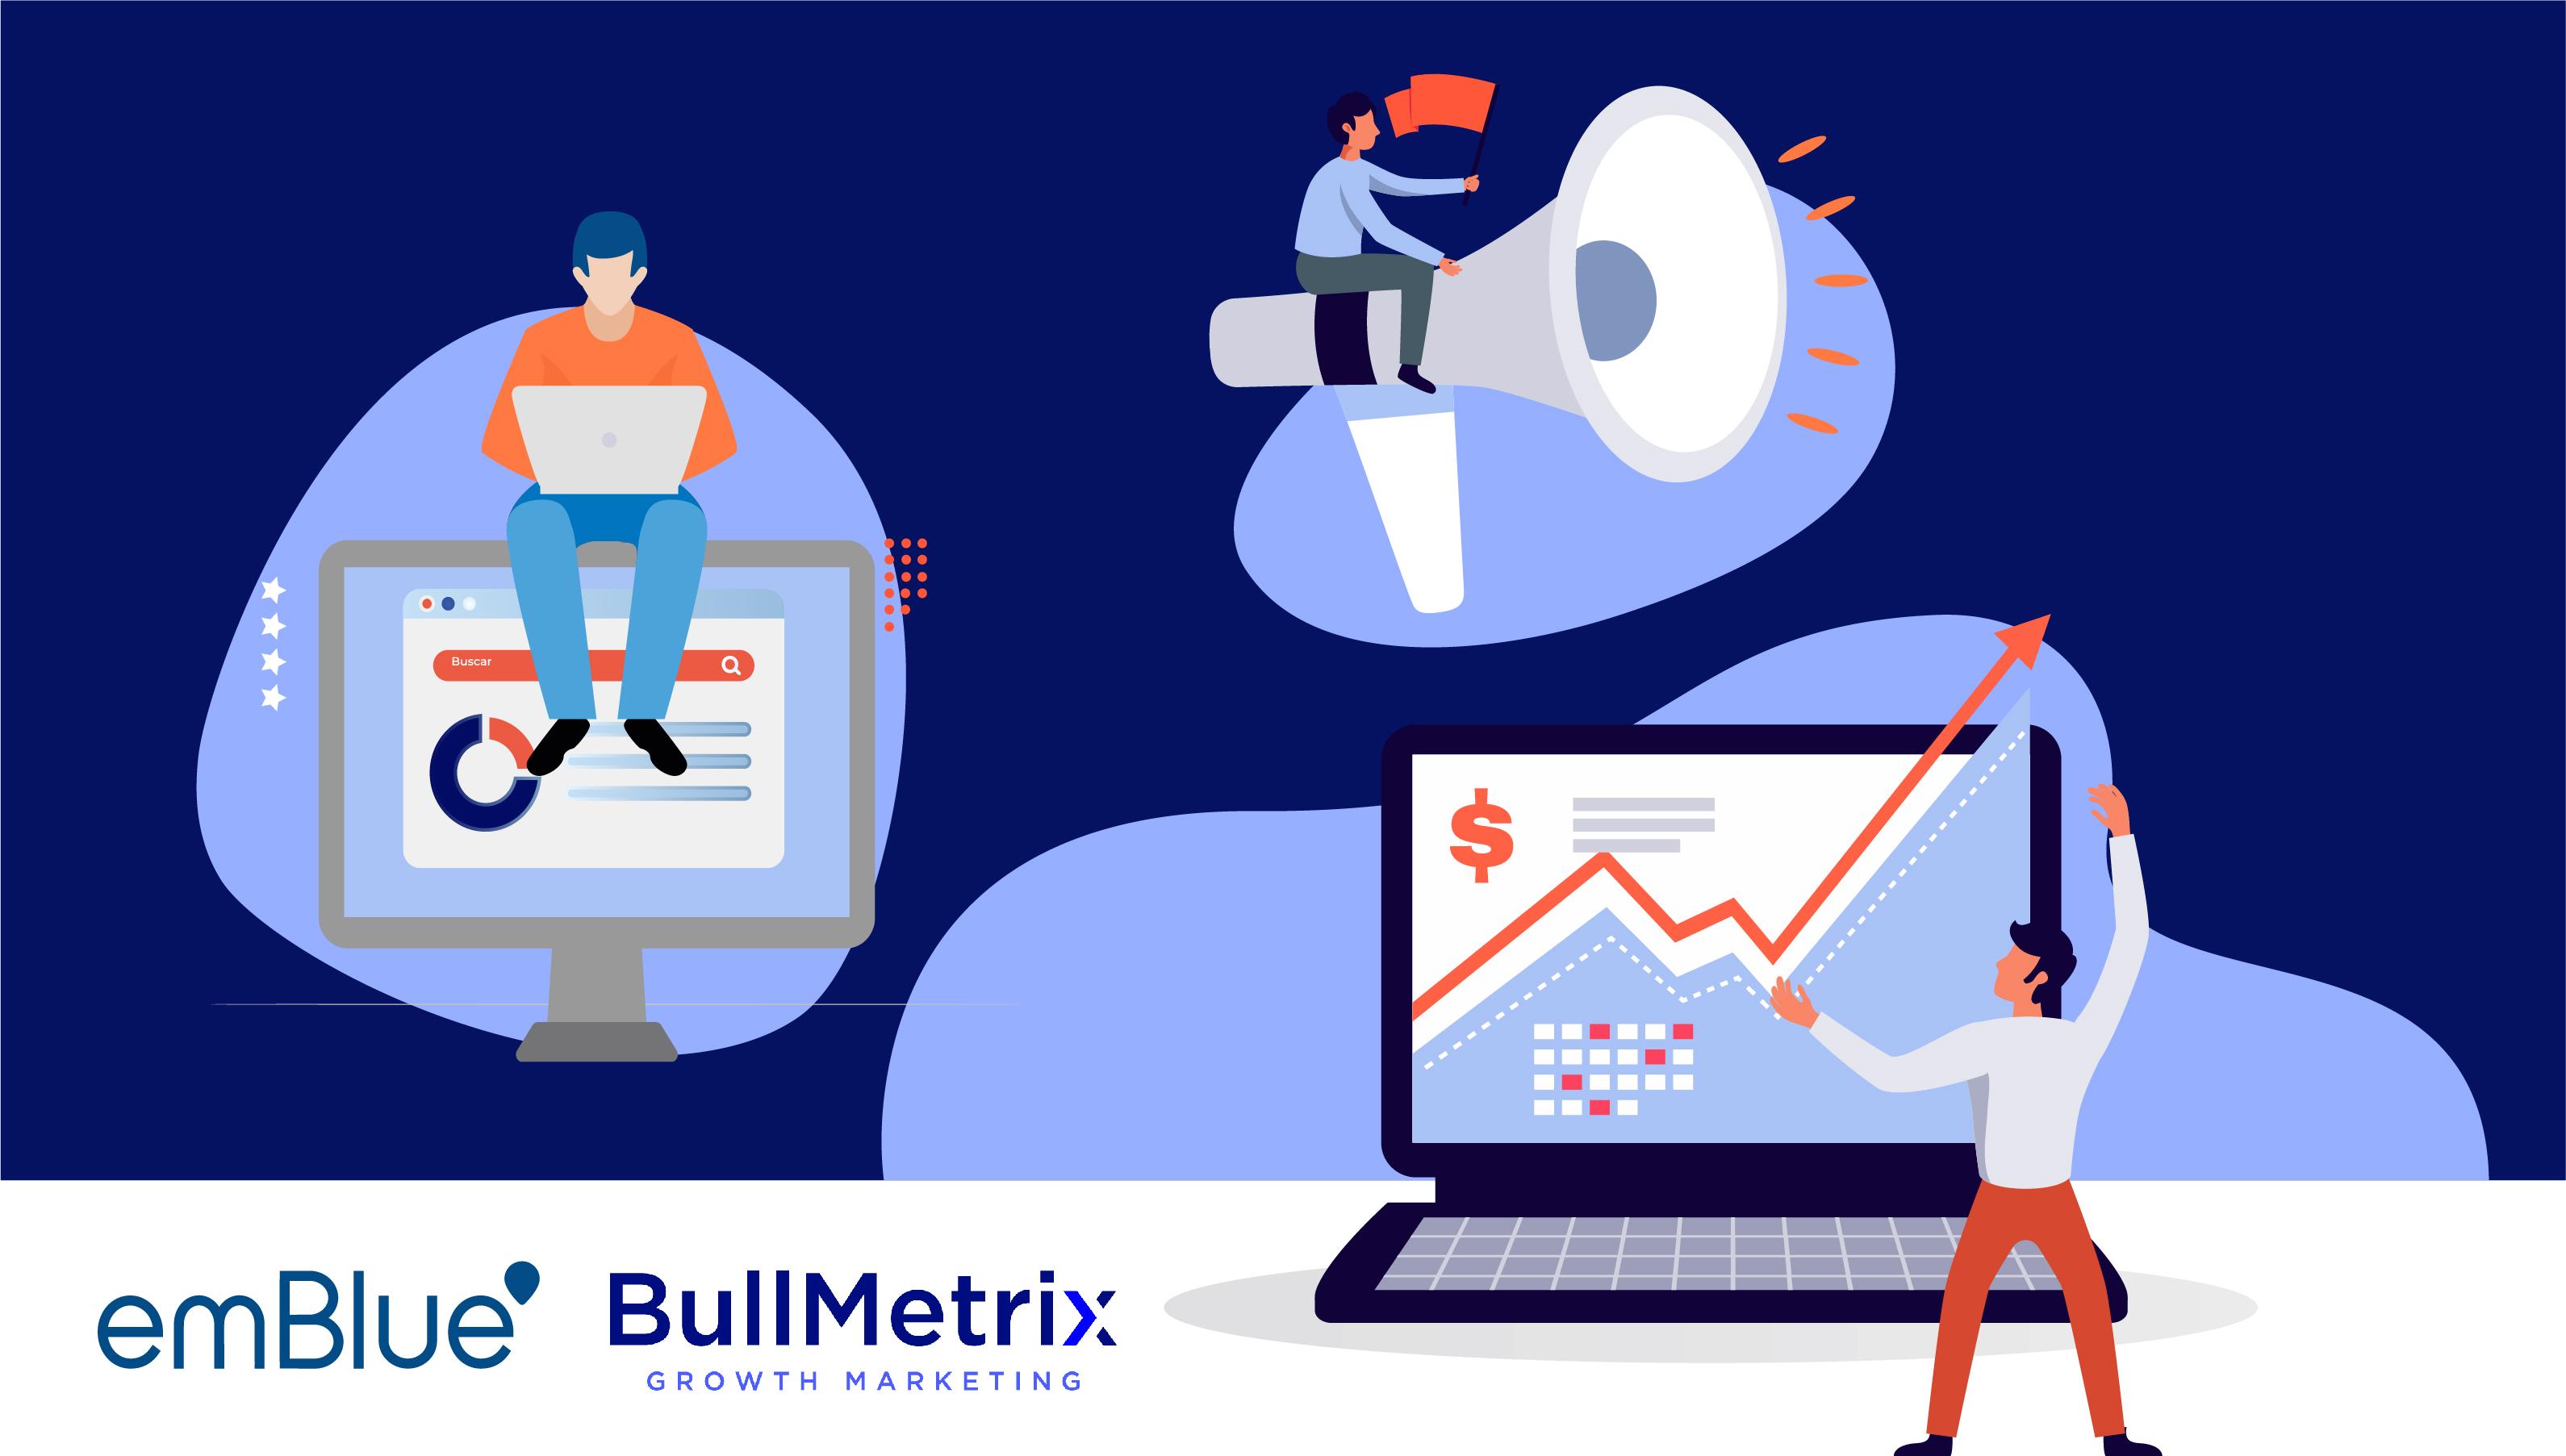 aceleración digital emblue y bullmetrix